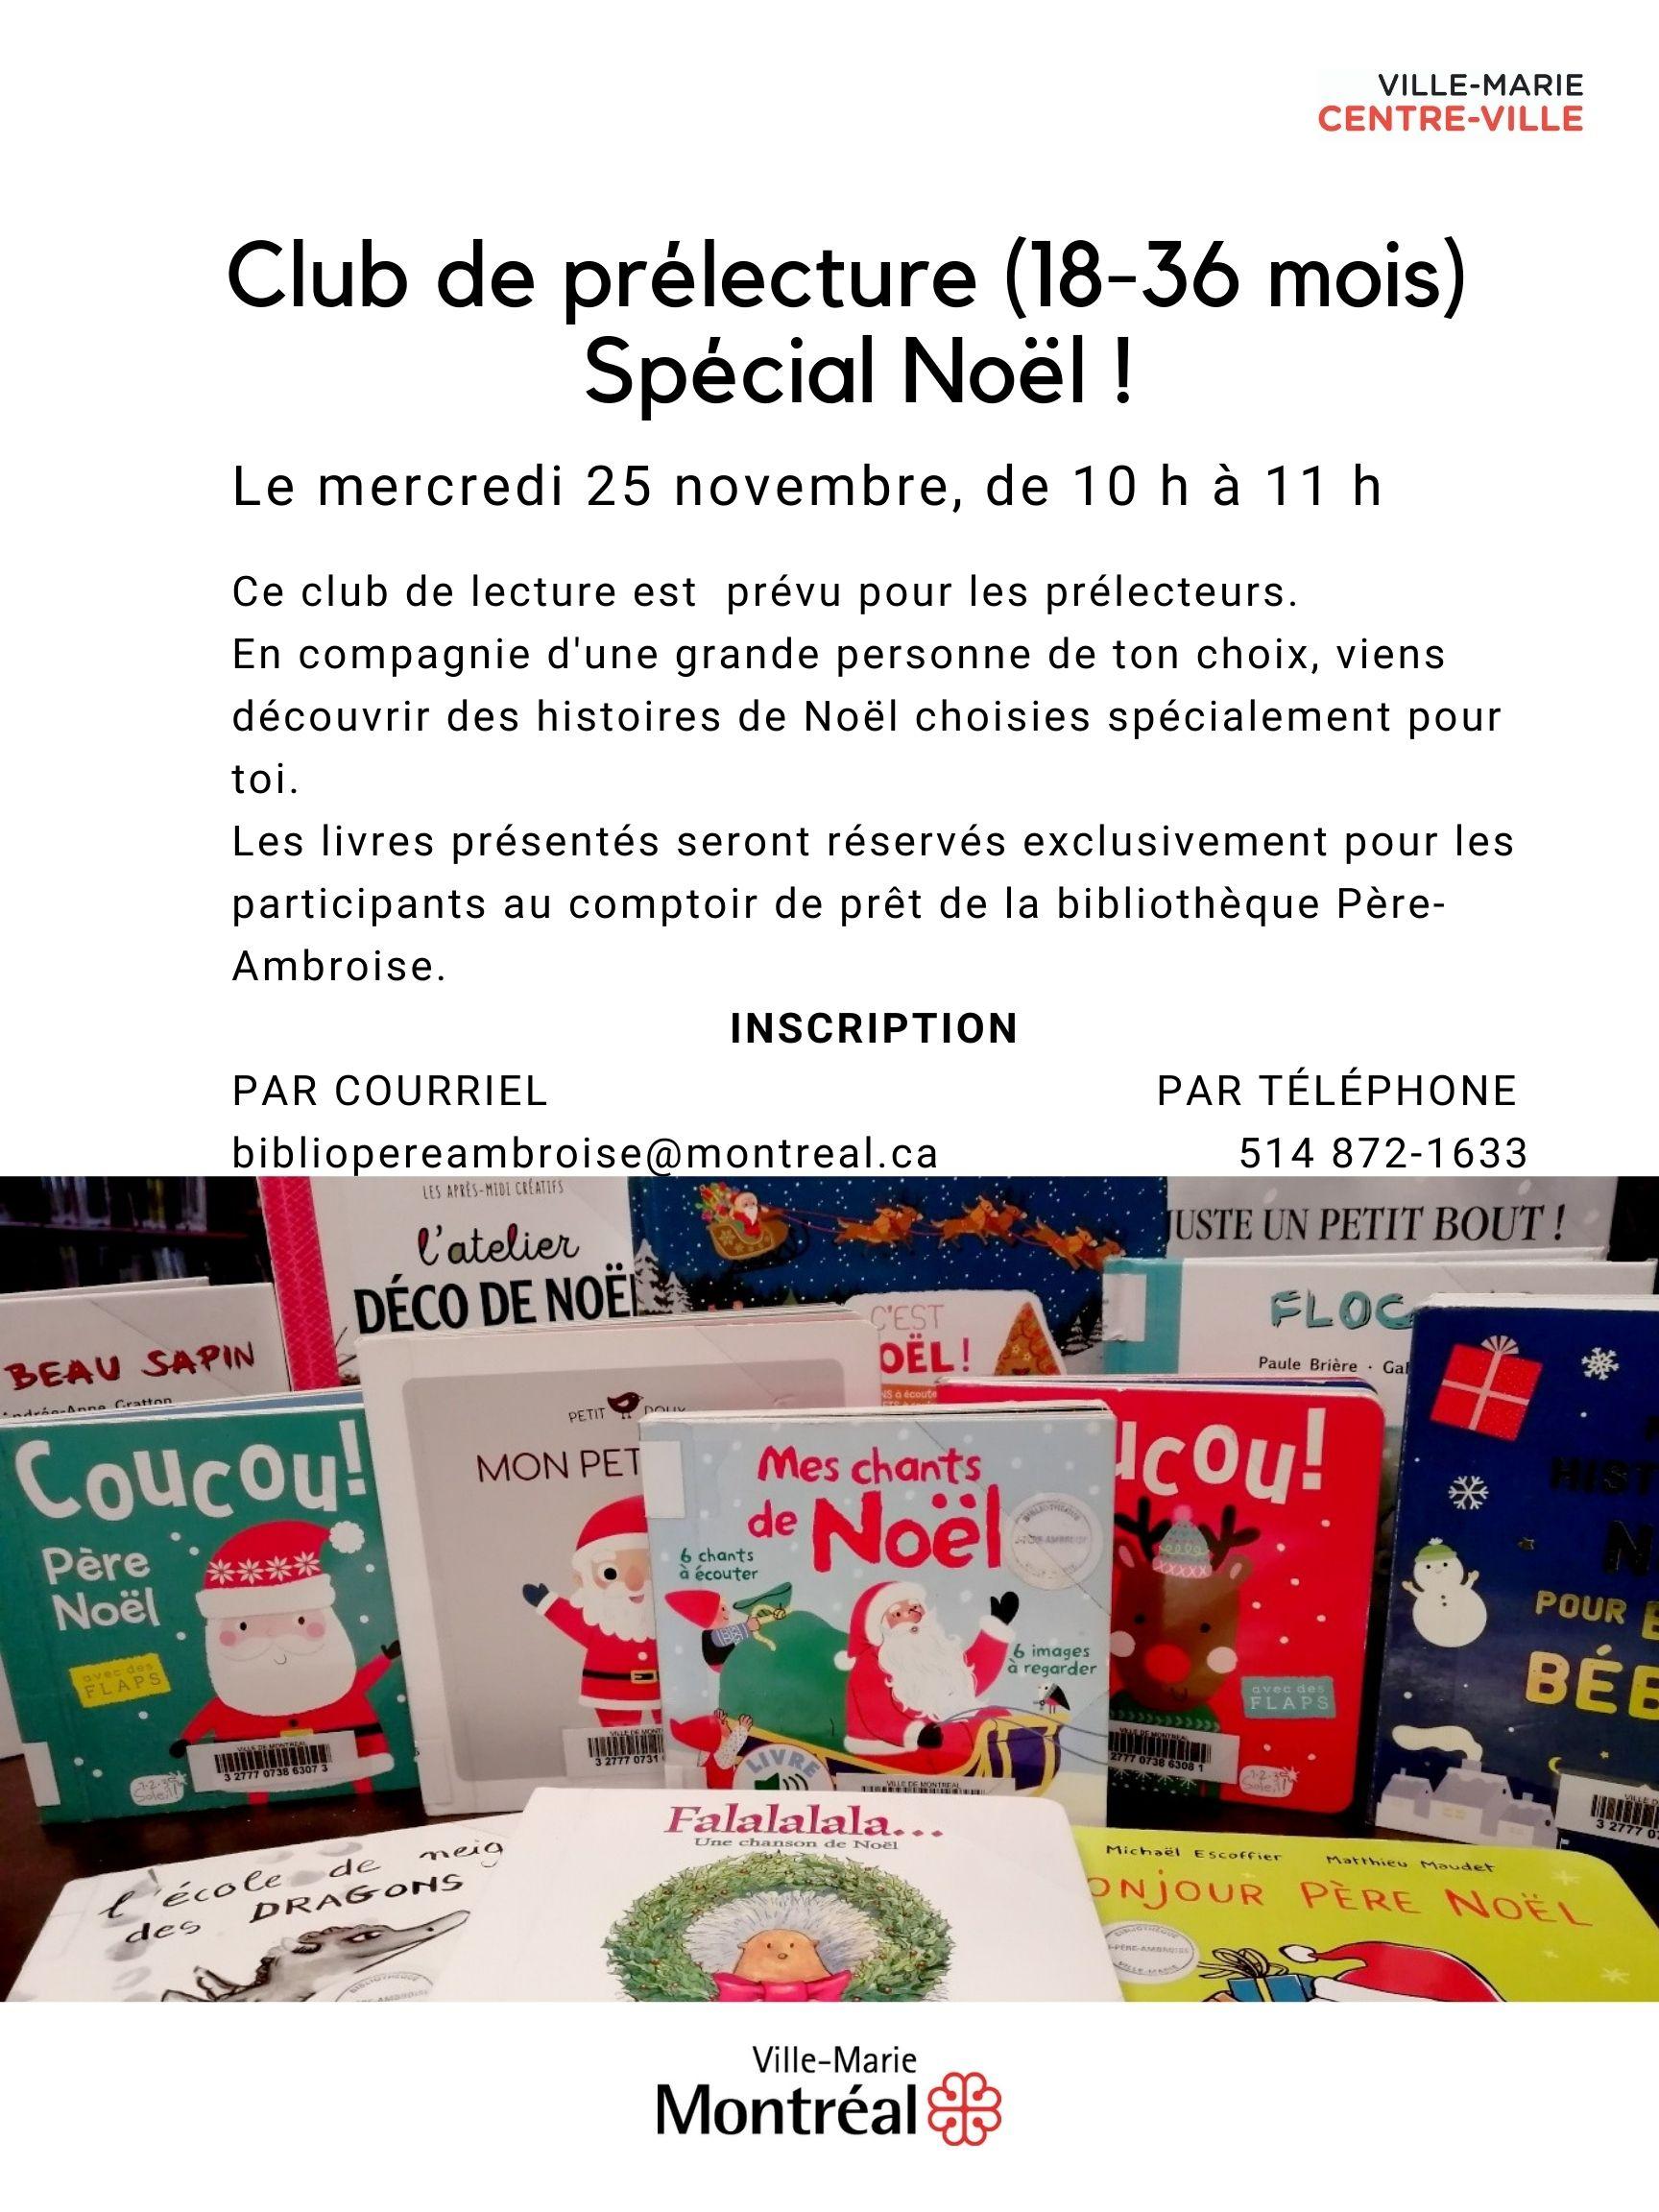 club de prélecture (18-36 mois) spécial Noël @ virtuel